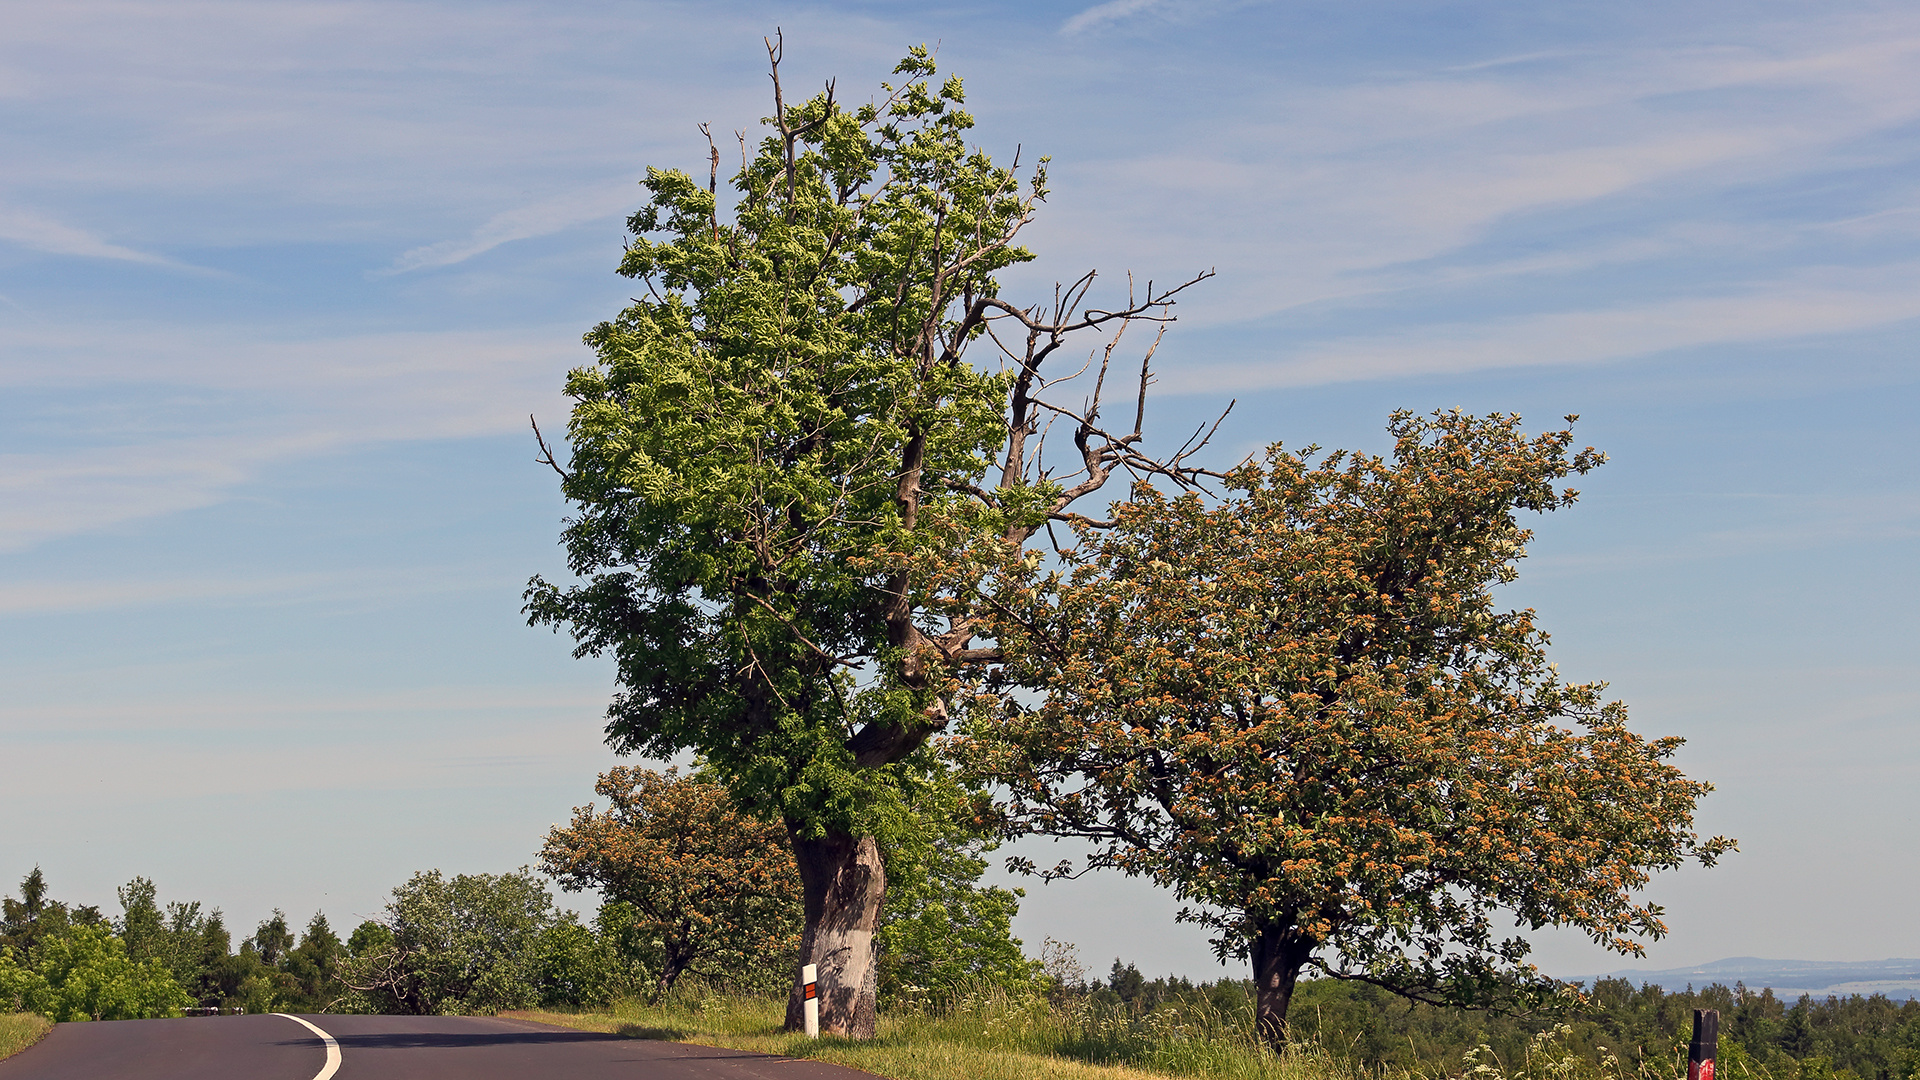 Zum ersten mal meinen Lieblingsbaum oben im Gebirge aus Süden gezeigt